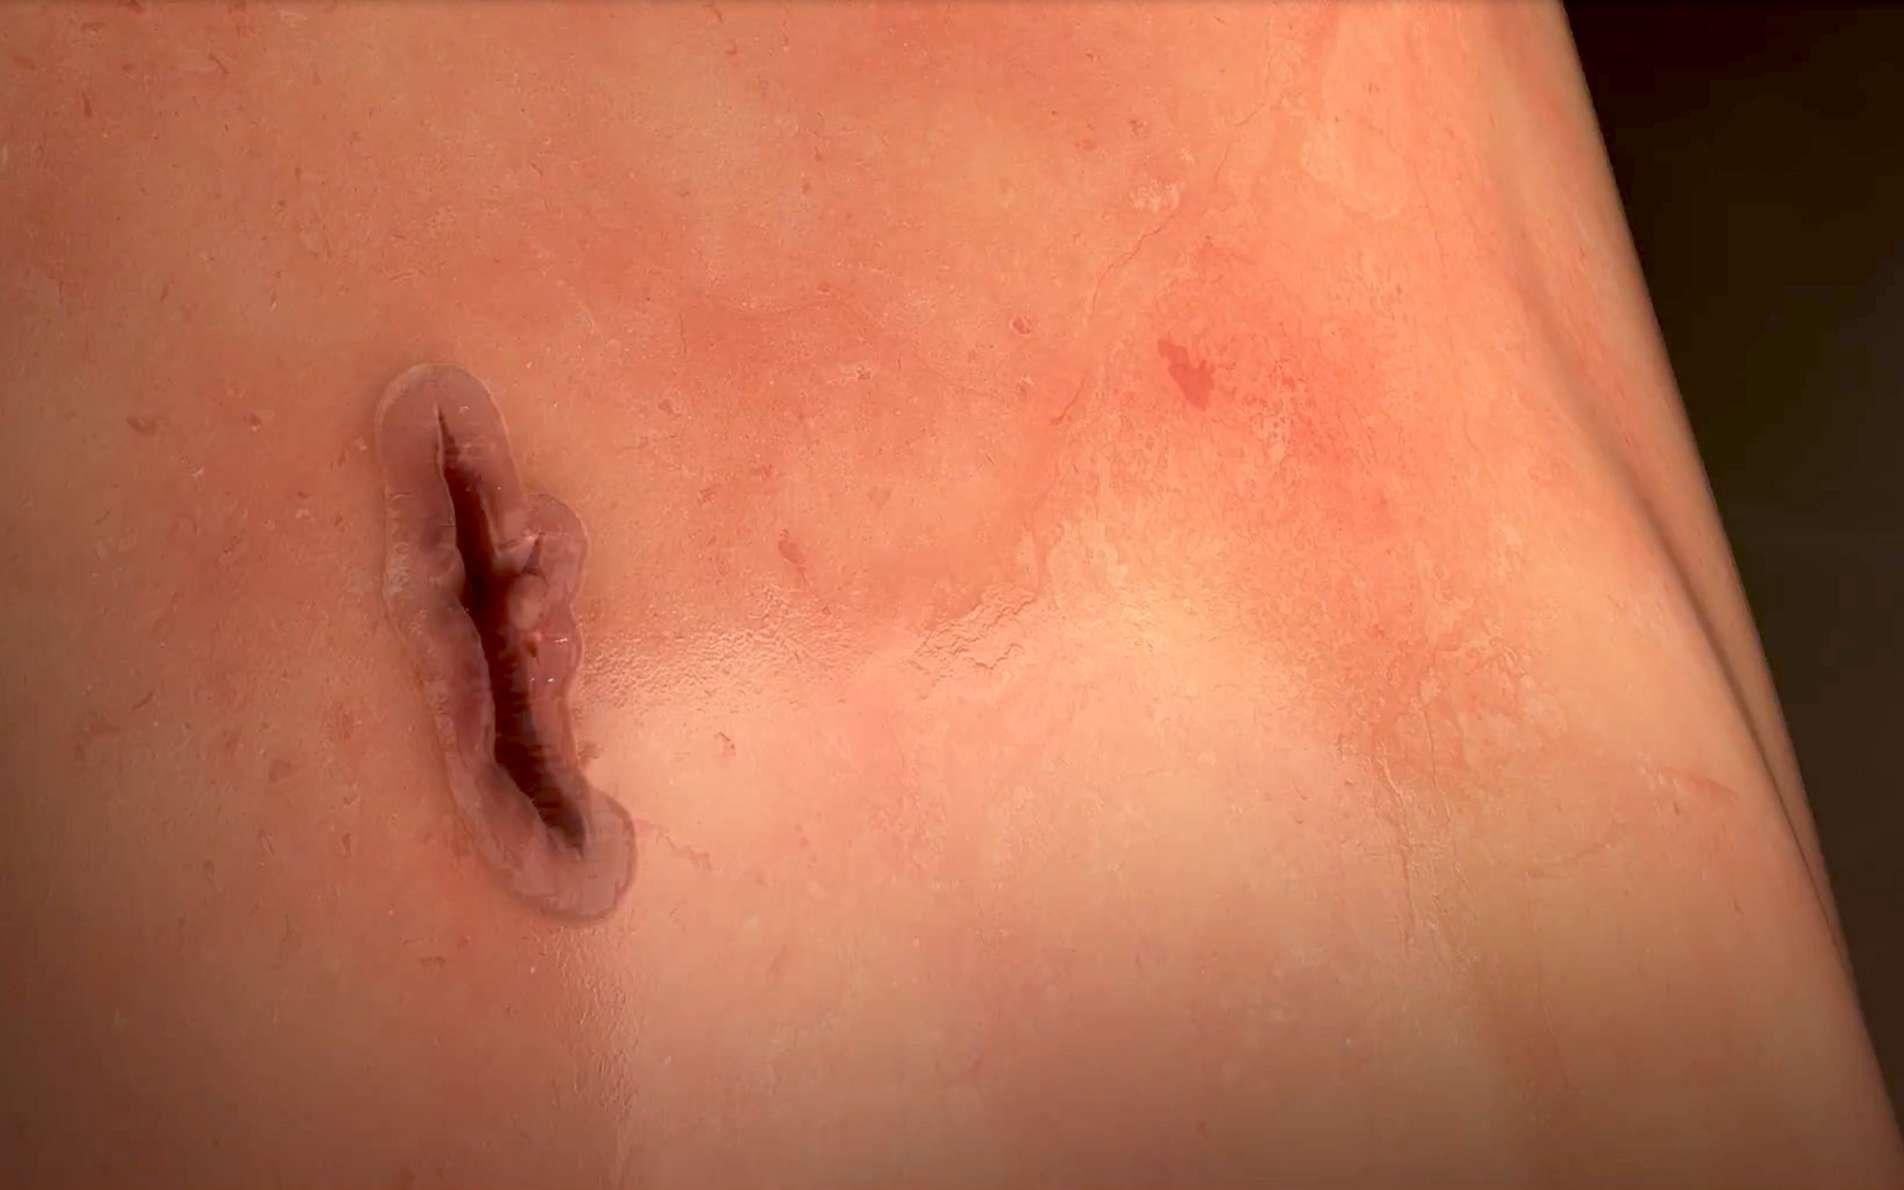 La colle biologique MeTro activée par laser fait adhérer les côtés de la plaie sans laisser de cicatrice. © Université de Sydney, capture YouTube.